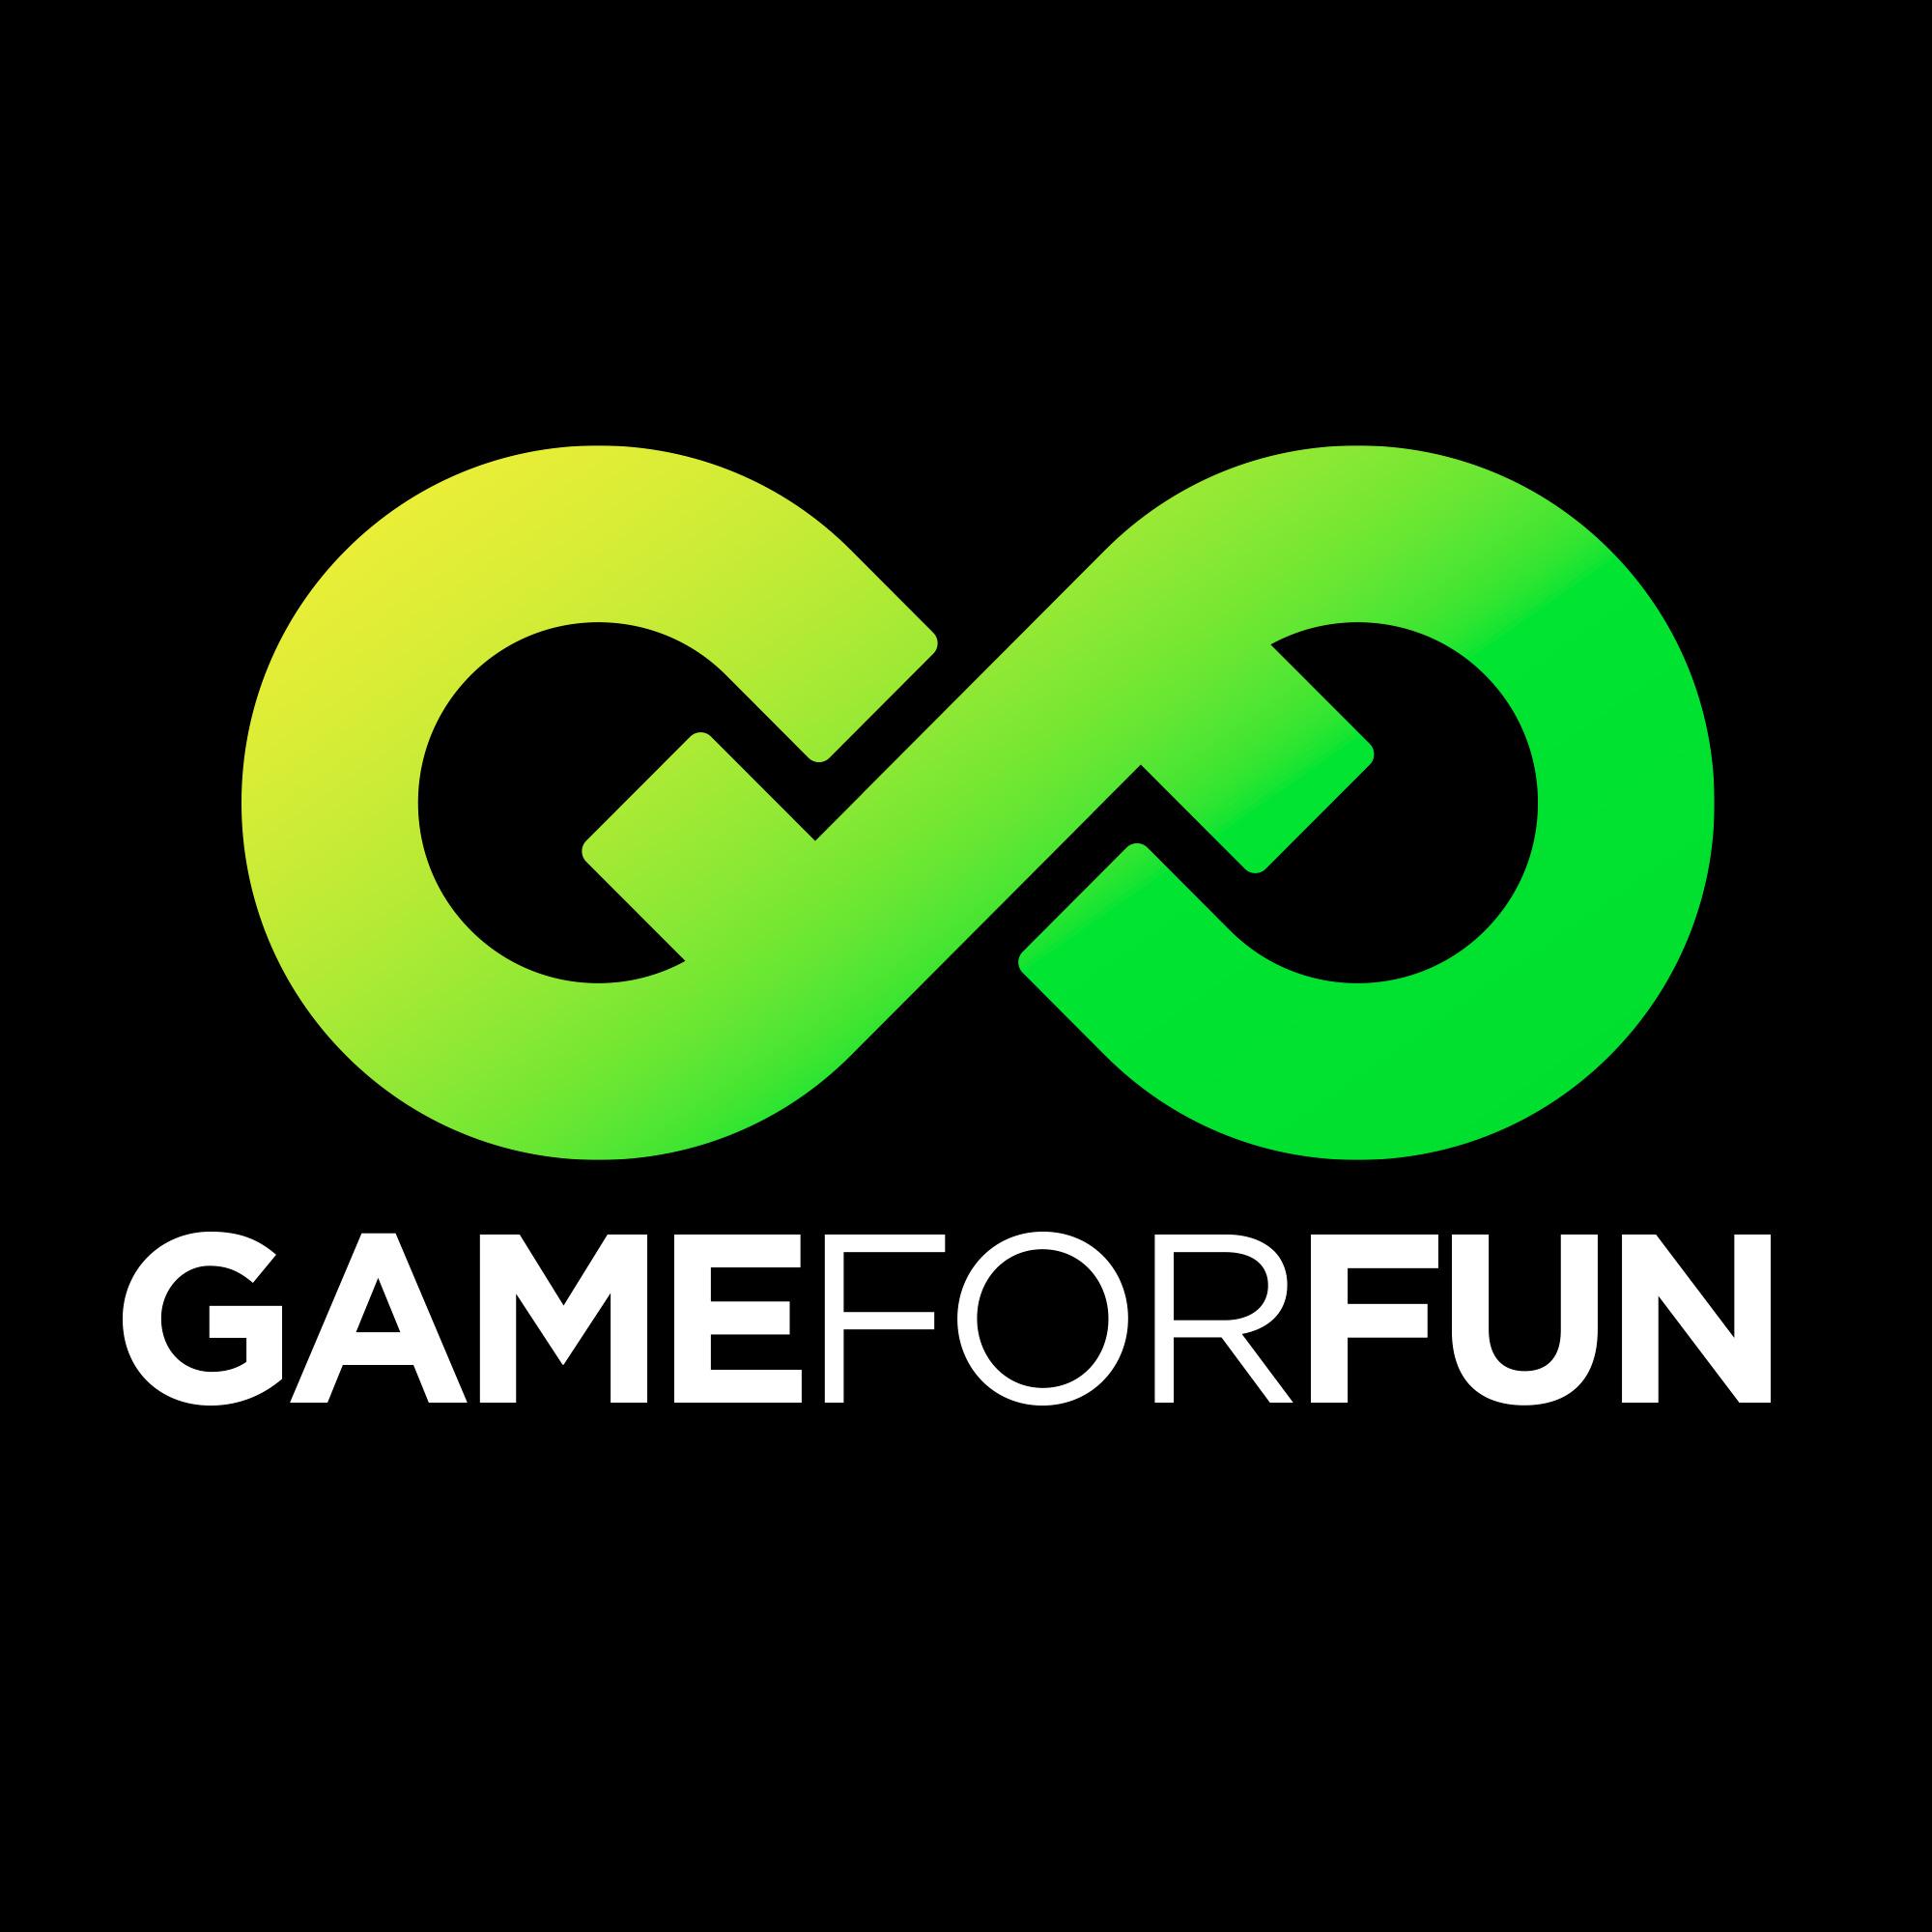 Gameforfun